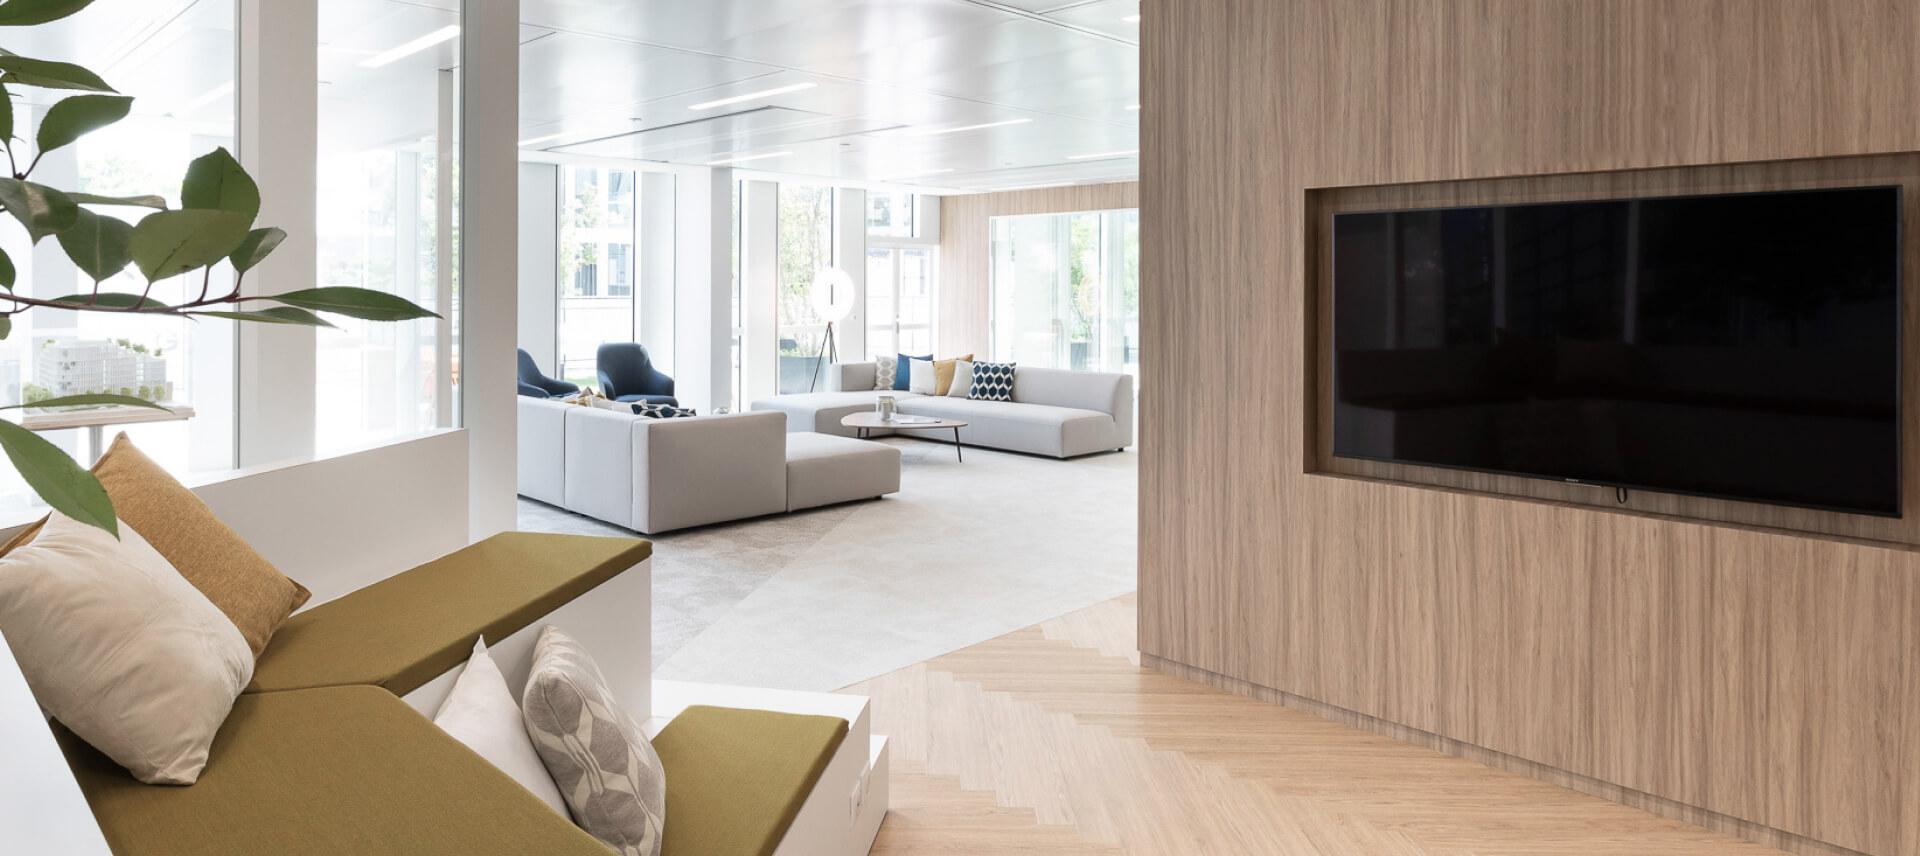 sala de estar com lareira ou recuperador forrado a madeira